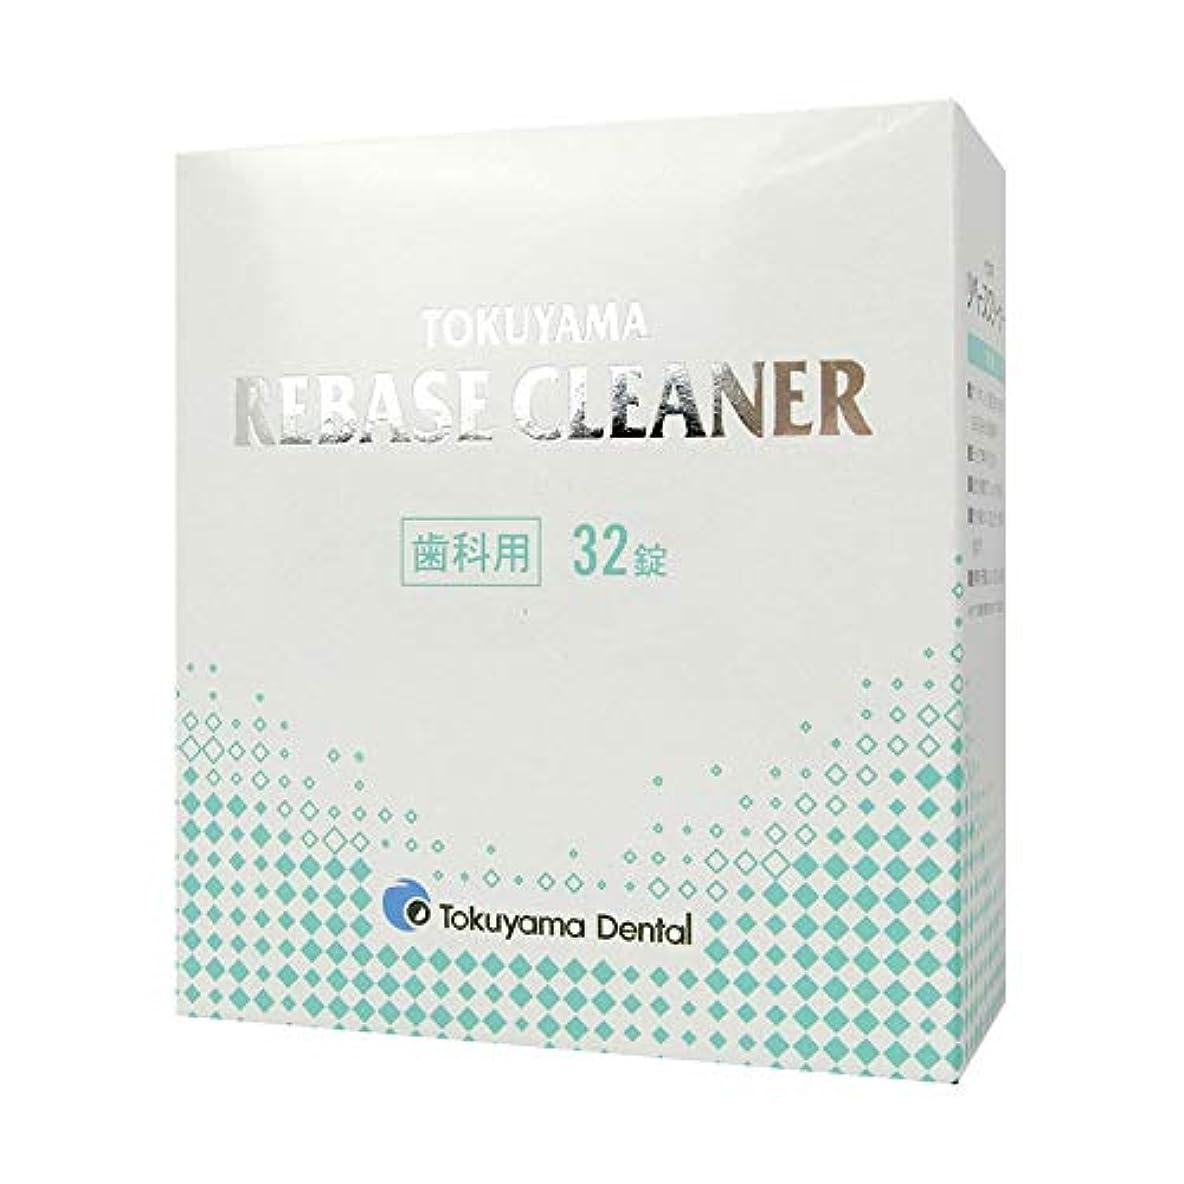 薬を飲むあまりにも気性トクヤマ リベースクリーナー 32錠(入れ歯洗浄剤) × 1個